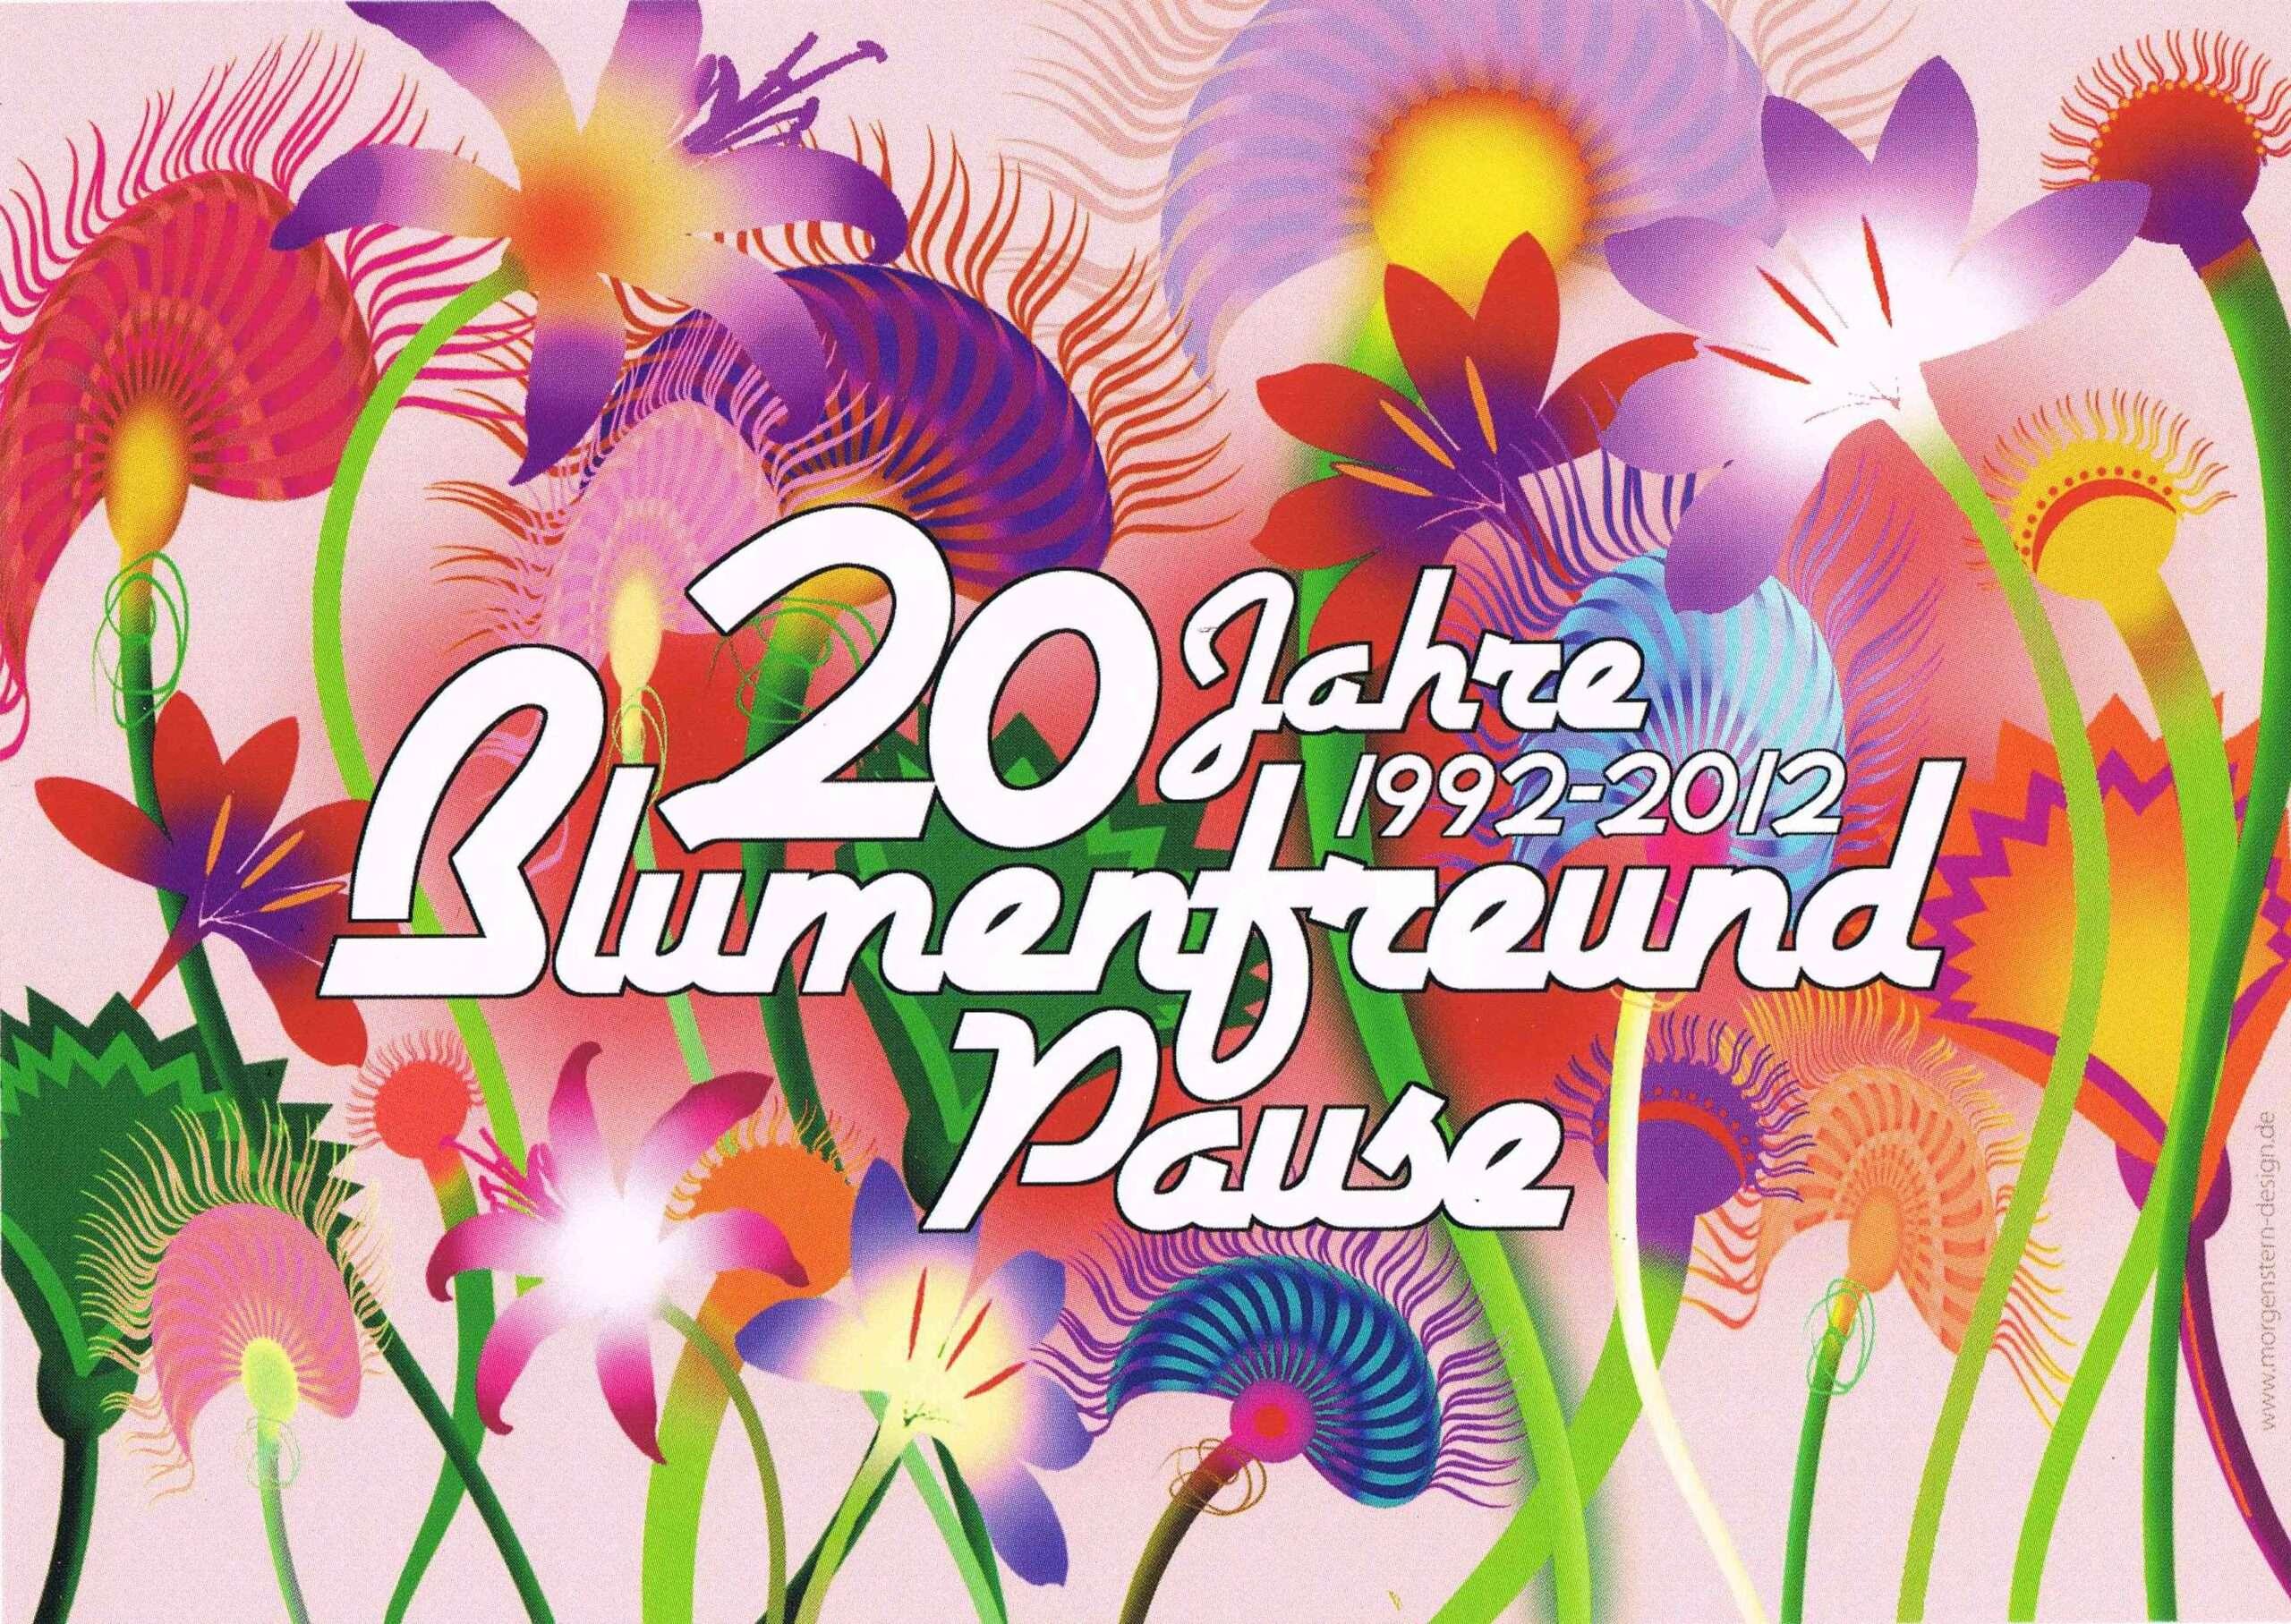 20 Jahre Blumenfreund